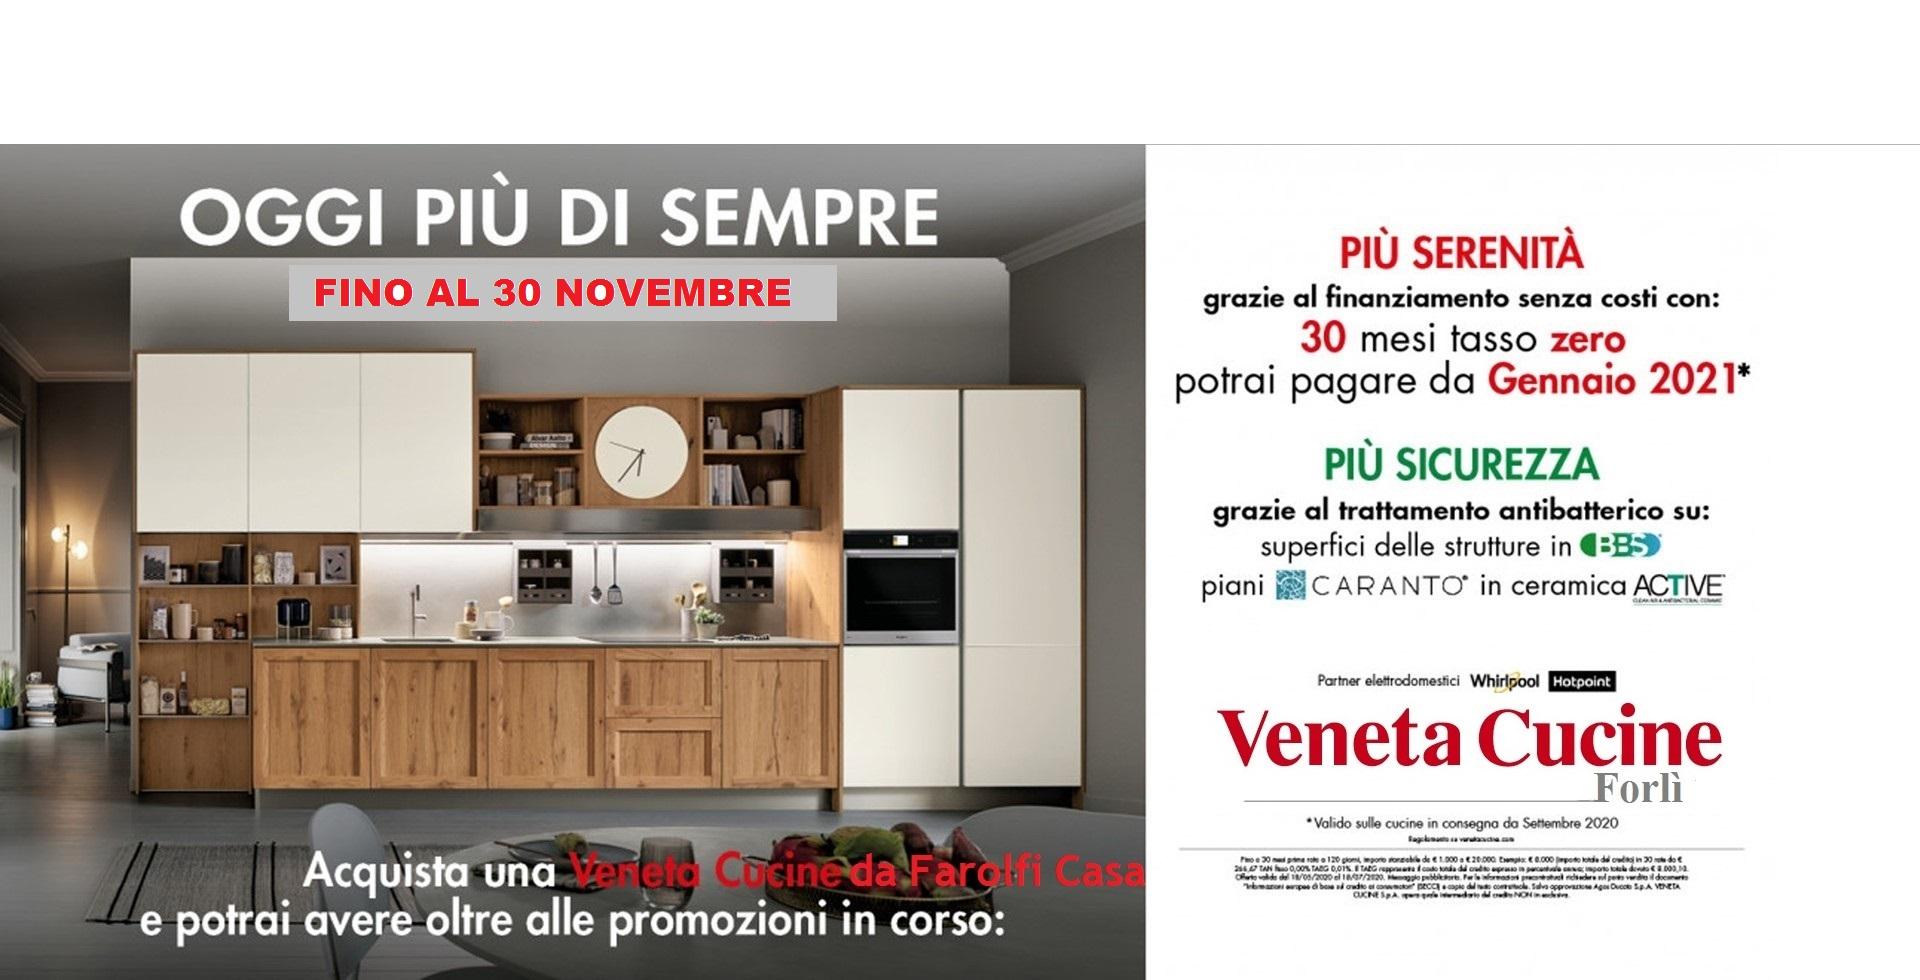 promozione-veneta-cucine-oggi-piu-di-sempre-Farolfi-Casa-2